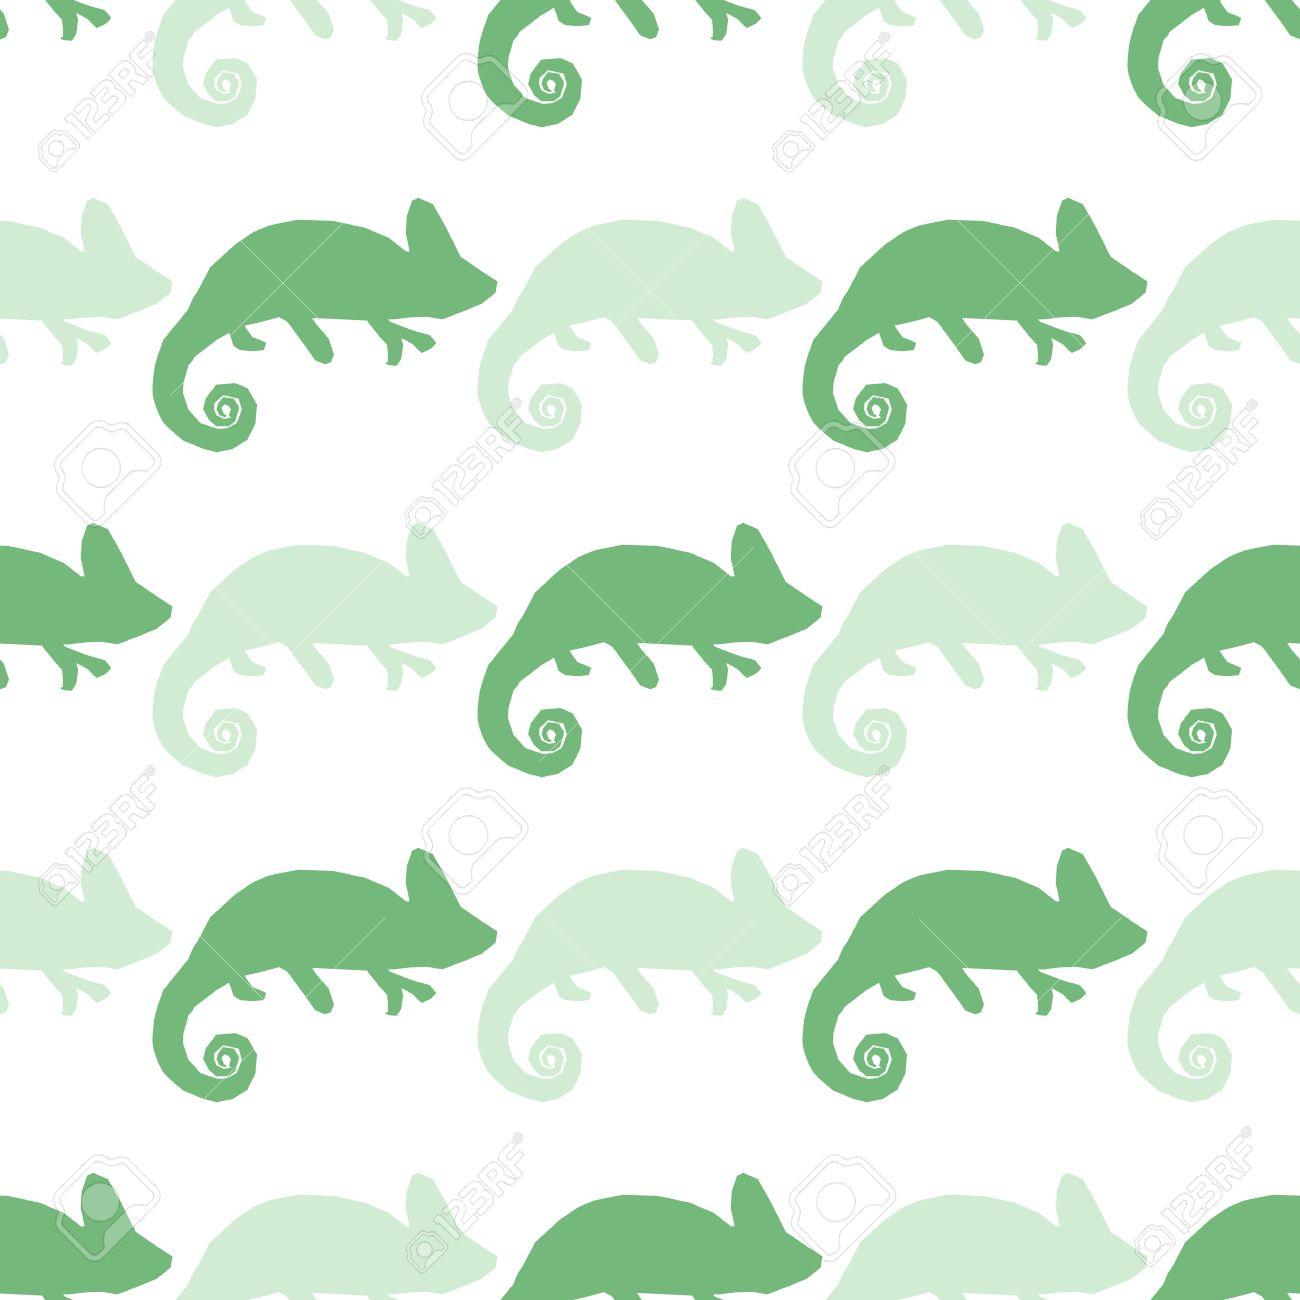 白で隔離カメレオンとシームレスな壁紙 緑と青のマスカレード トカゲ